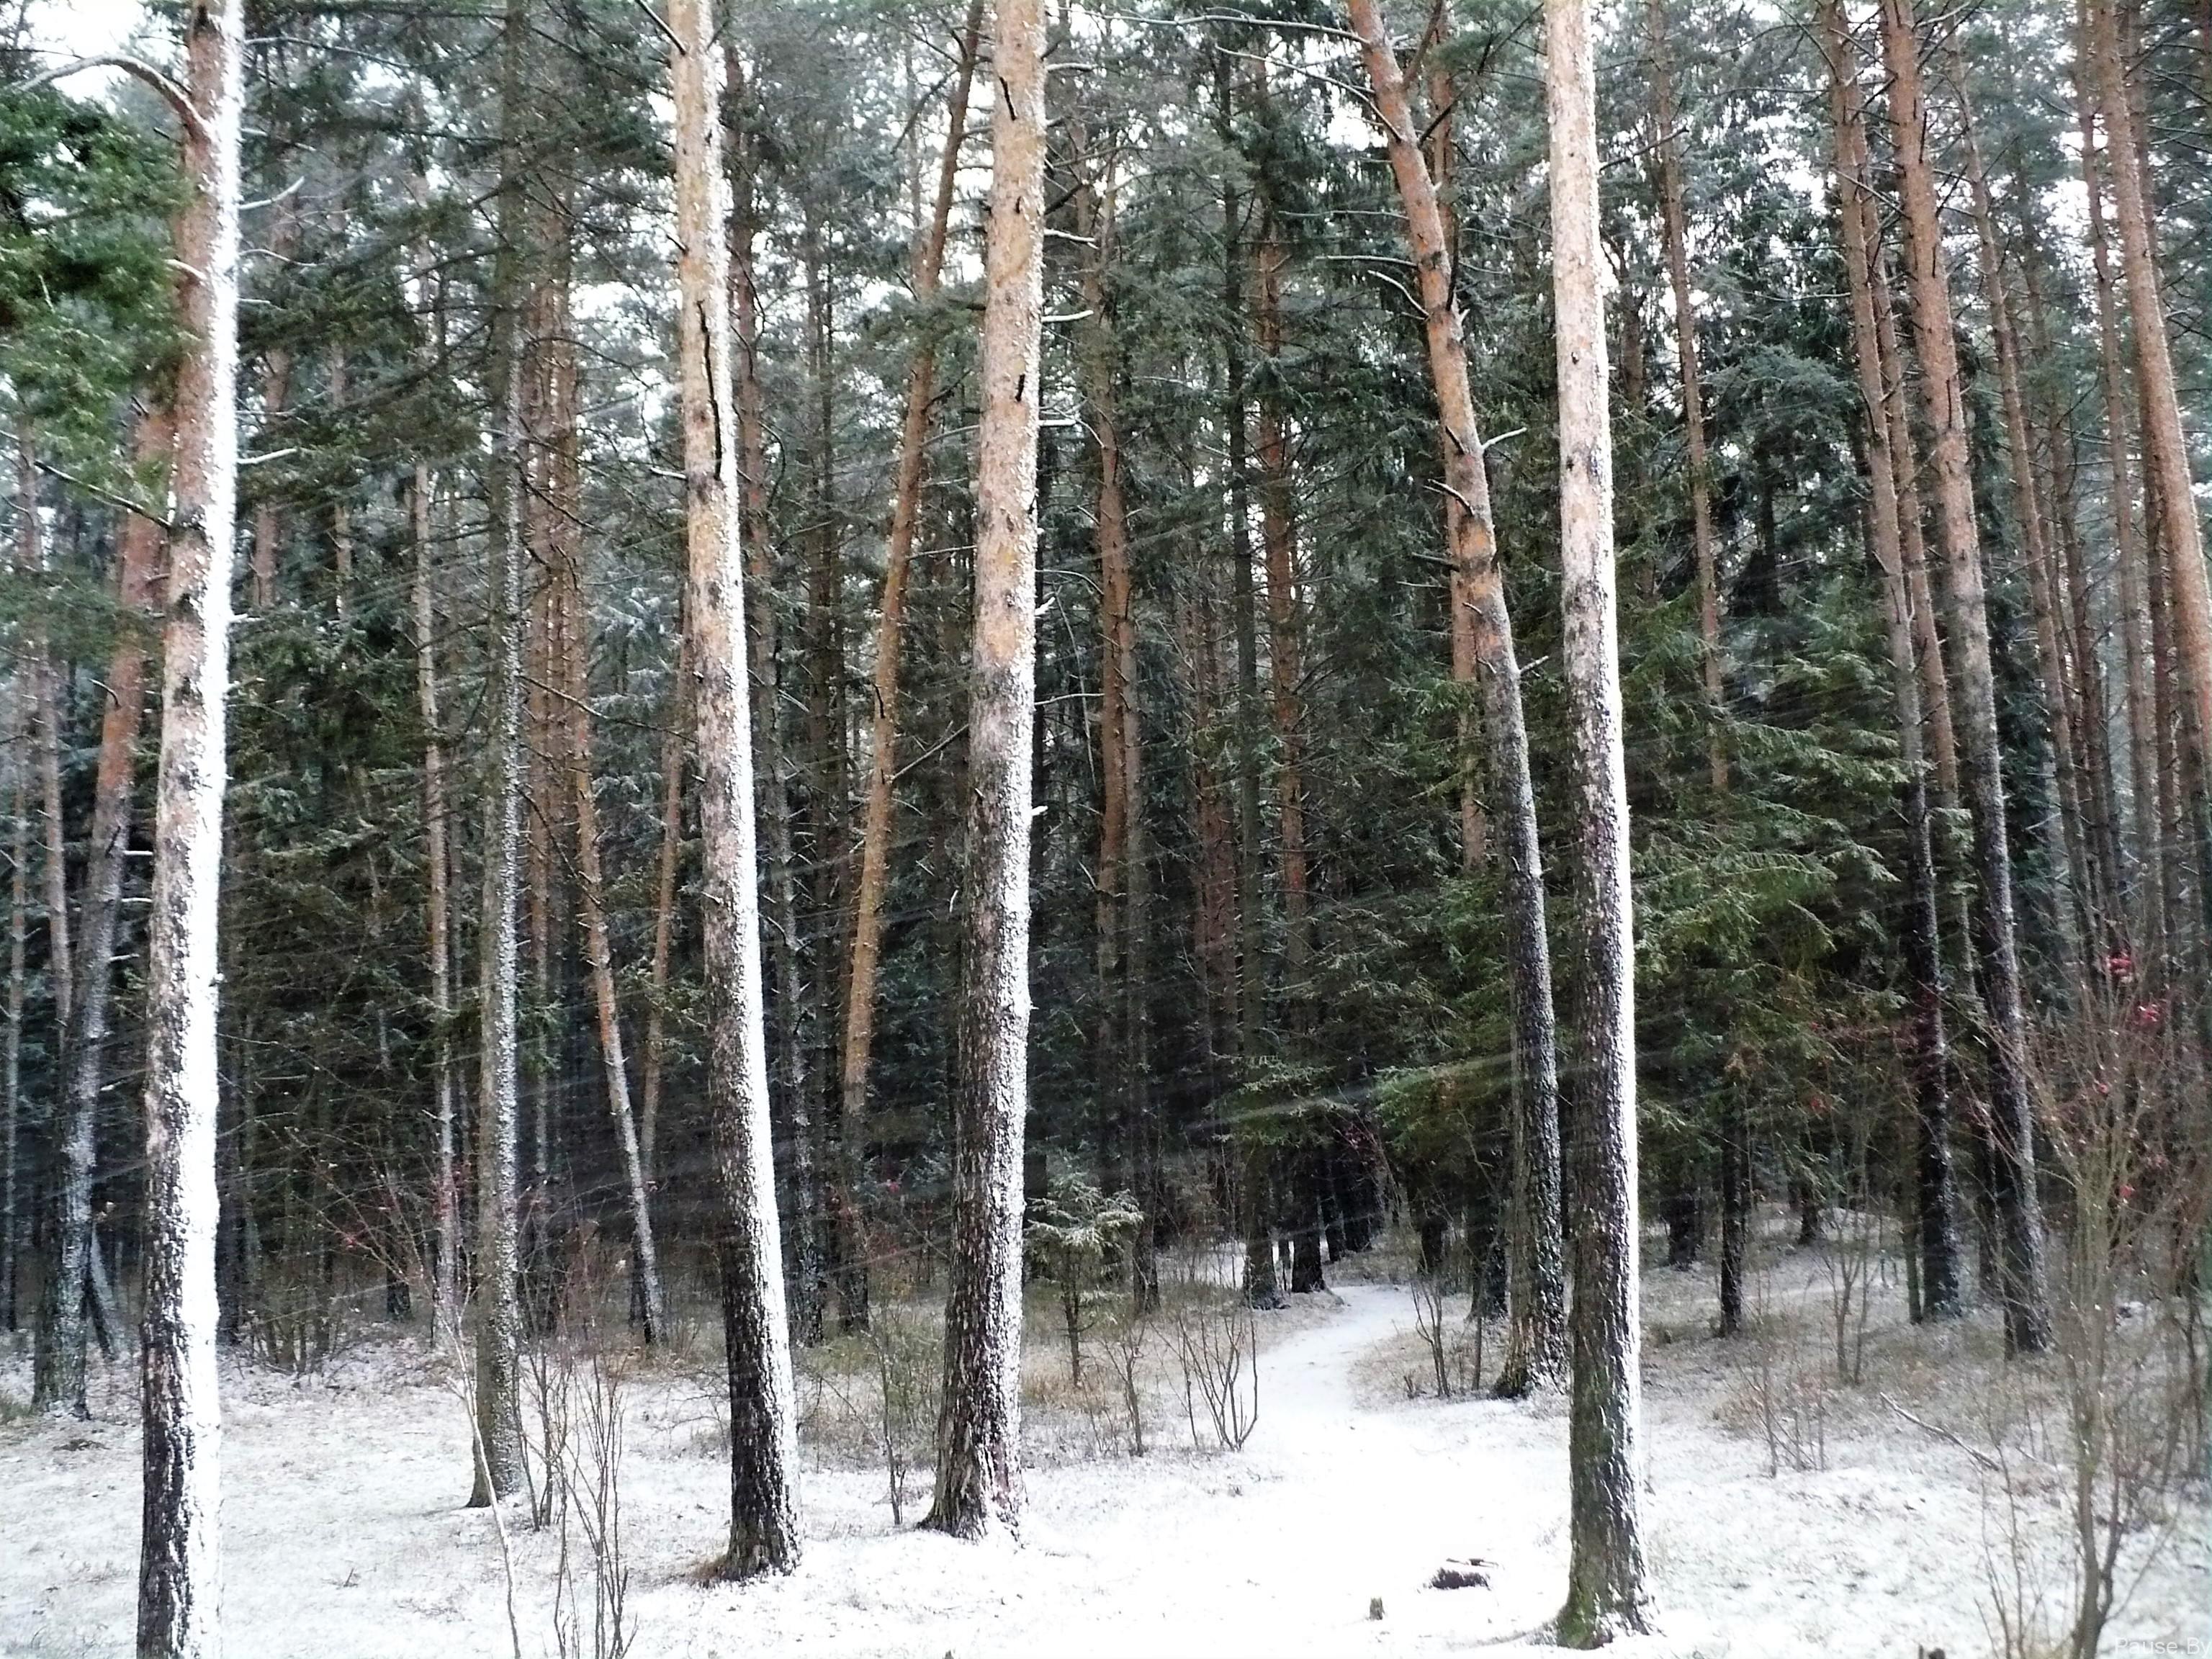 Сильный ветер со снегом в лесу, фото